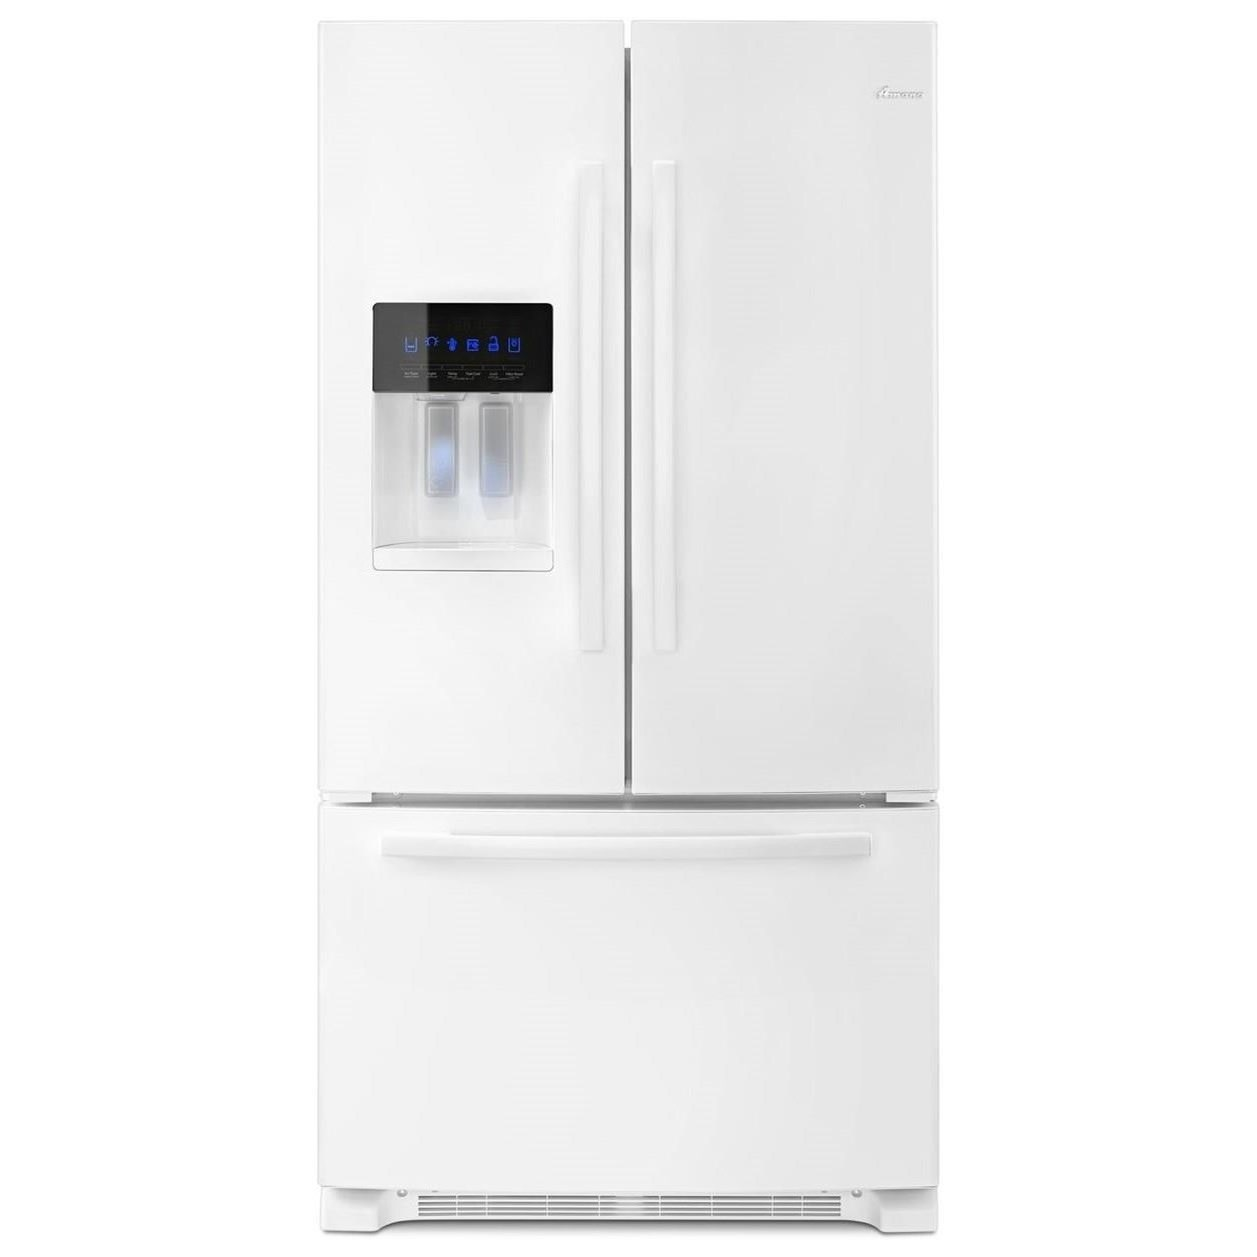 Amana French Door Refrigerators 36-inch Wide French Door Bottom- Freezer Ref - Item Number: AFI2539ERW